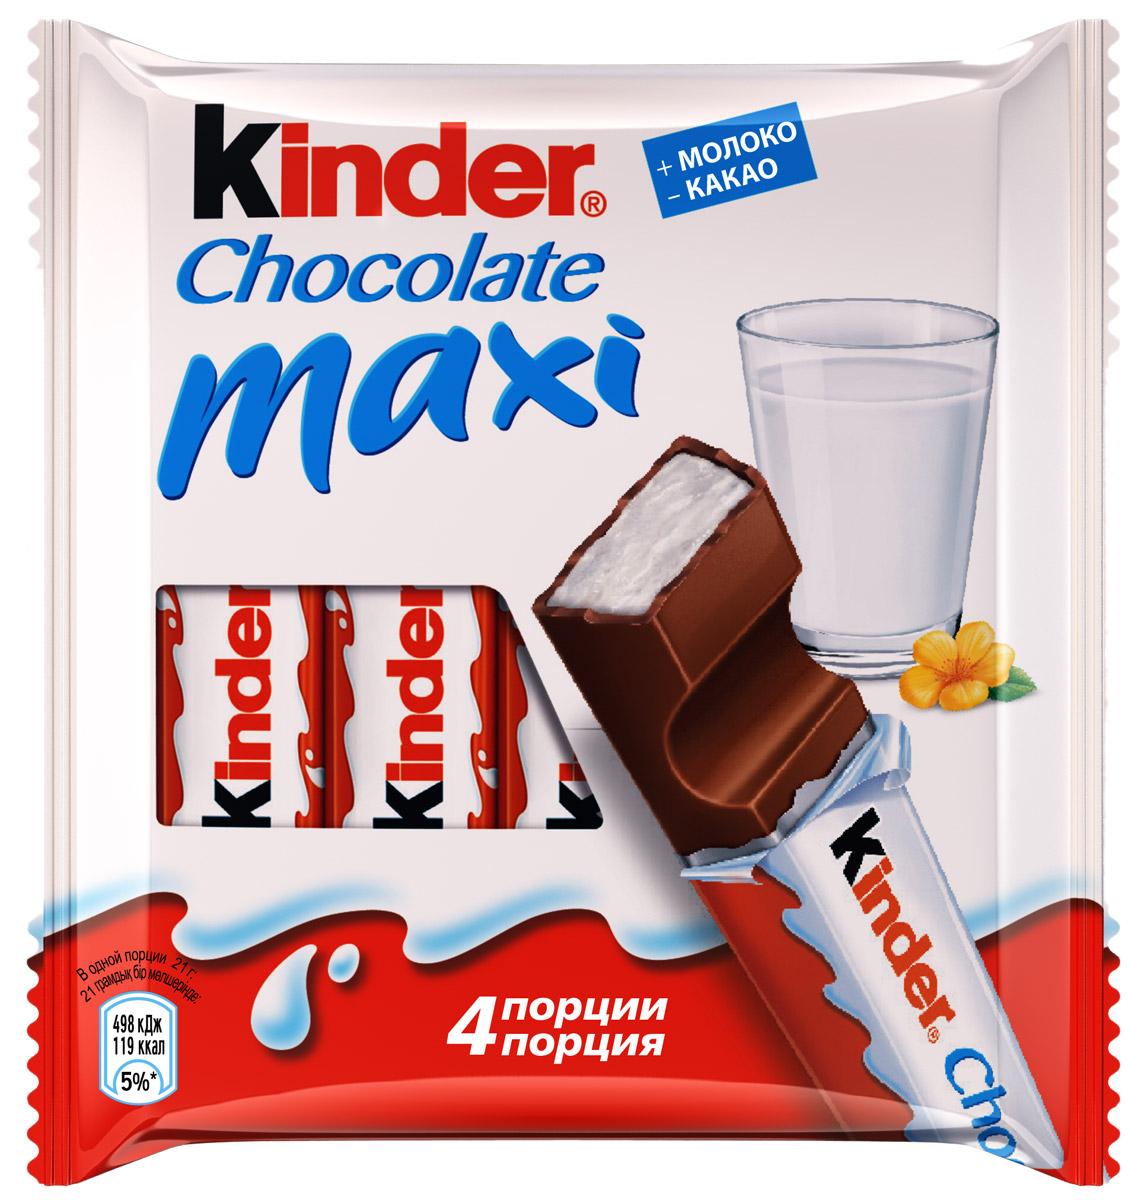 Kinder Chocolate Maxi шоколадный батончик молочный, 4 шт по 21 г77115589/77105816/77100797Превосходный шоколадный батончик из молочного шоколада с молочной начинкой, созданный специально для детей с 3-х лет.